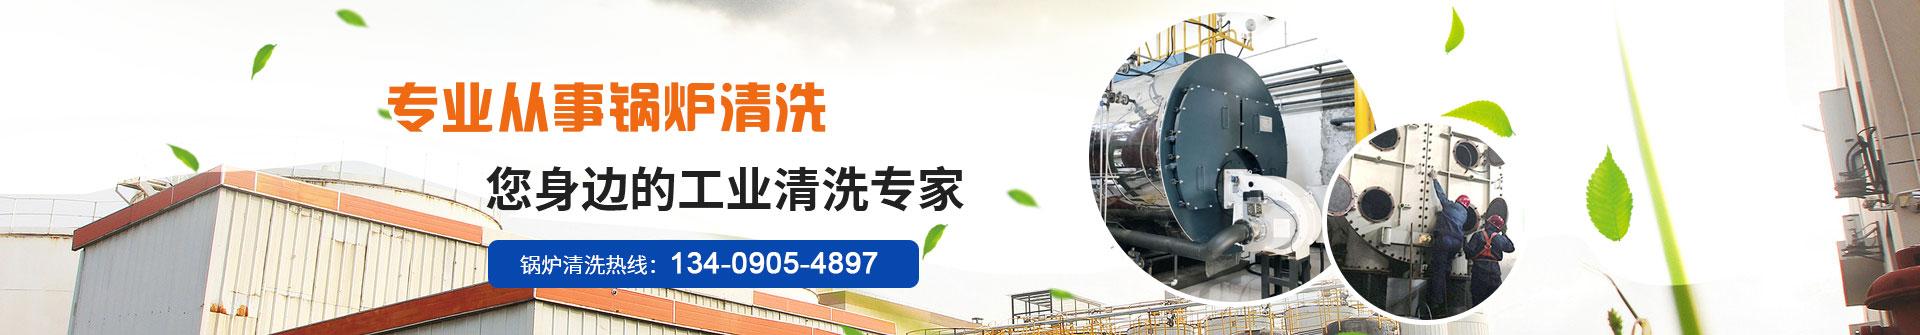 http://www.yushunhuanbao.net/data/upload/201911/20191109163435_435.jpg